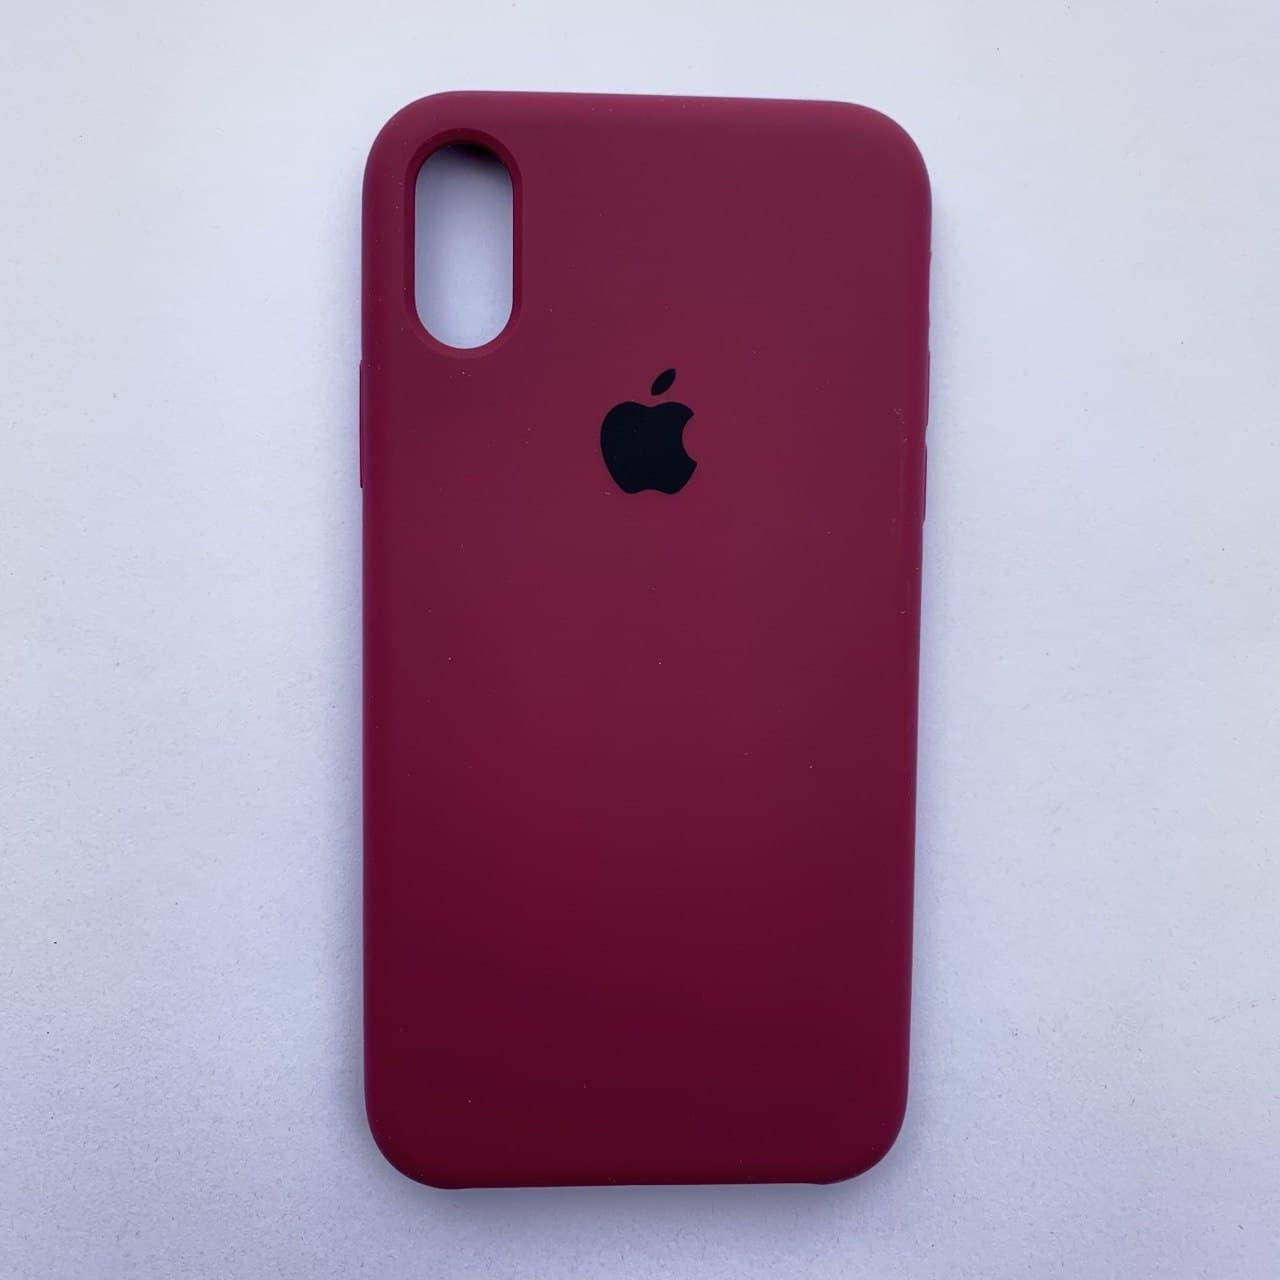 Чехол-накладка Silicone Case для Apple iPhone X iPhone XS Cherry